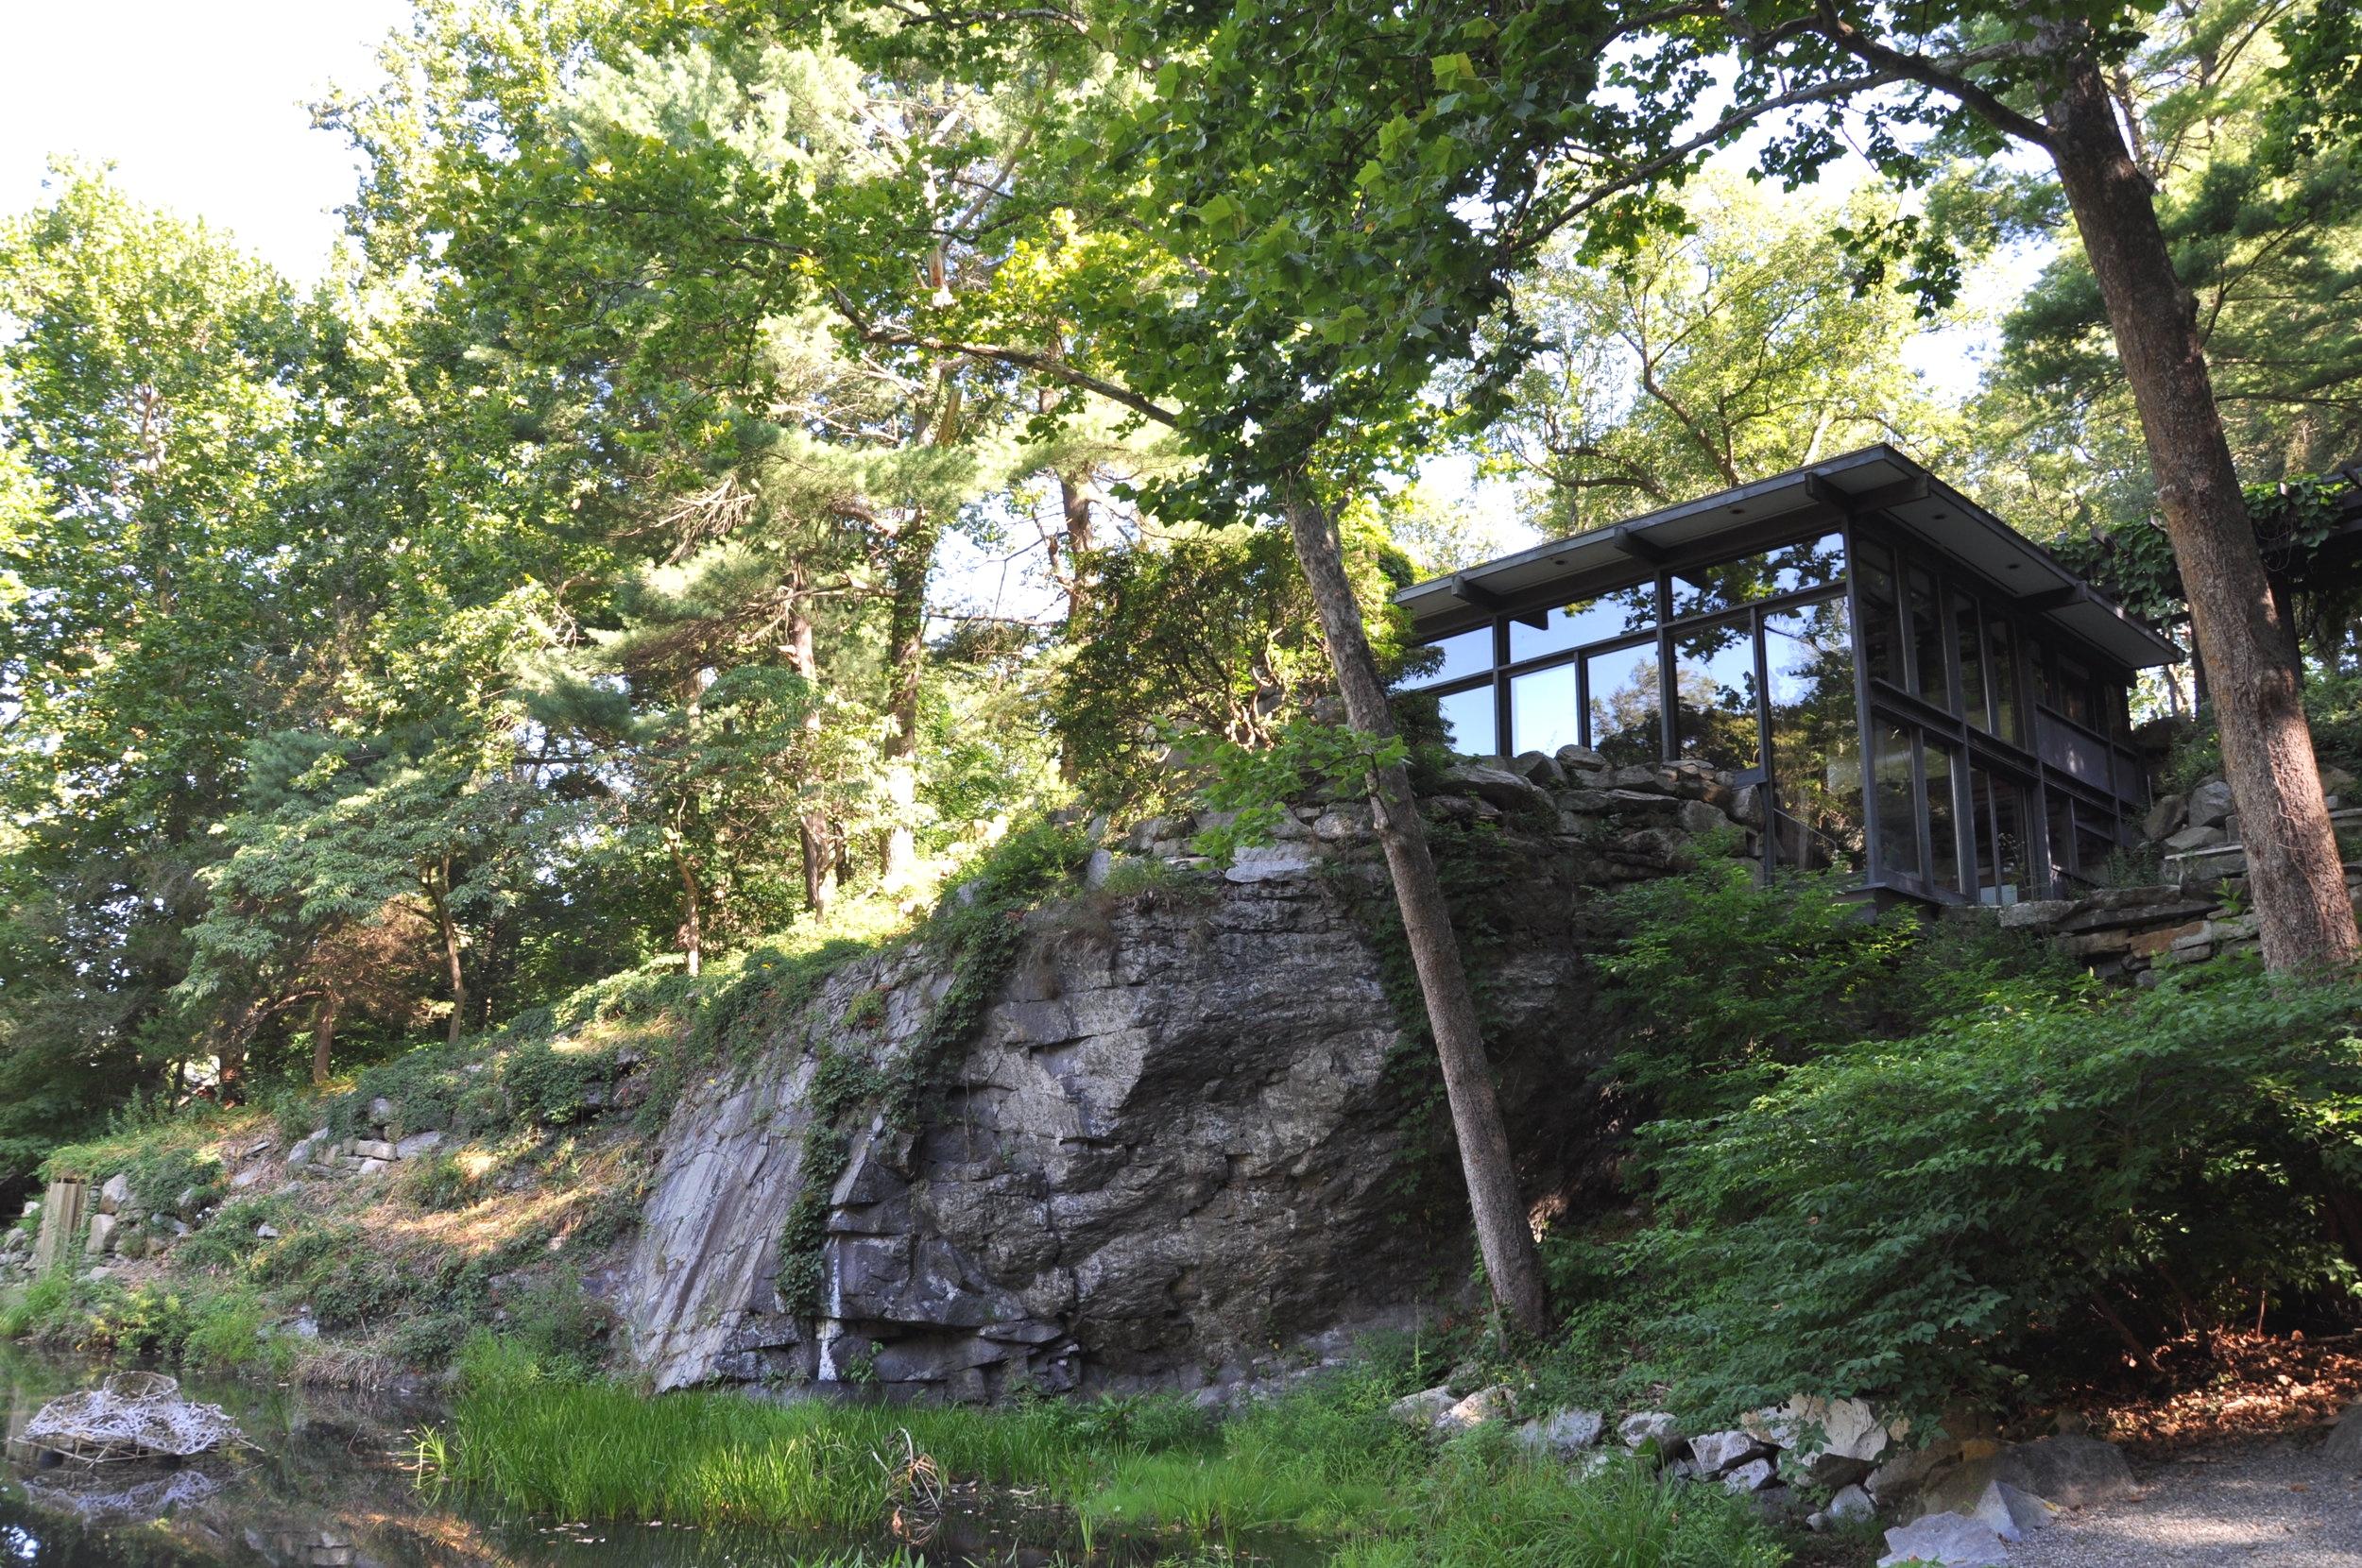 HOUSE, STUDIO & LANDSCAPE TOUR / $25